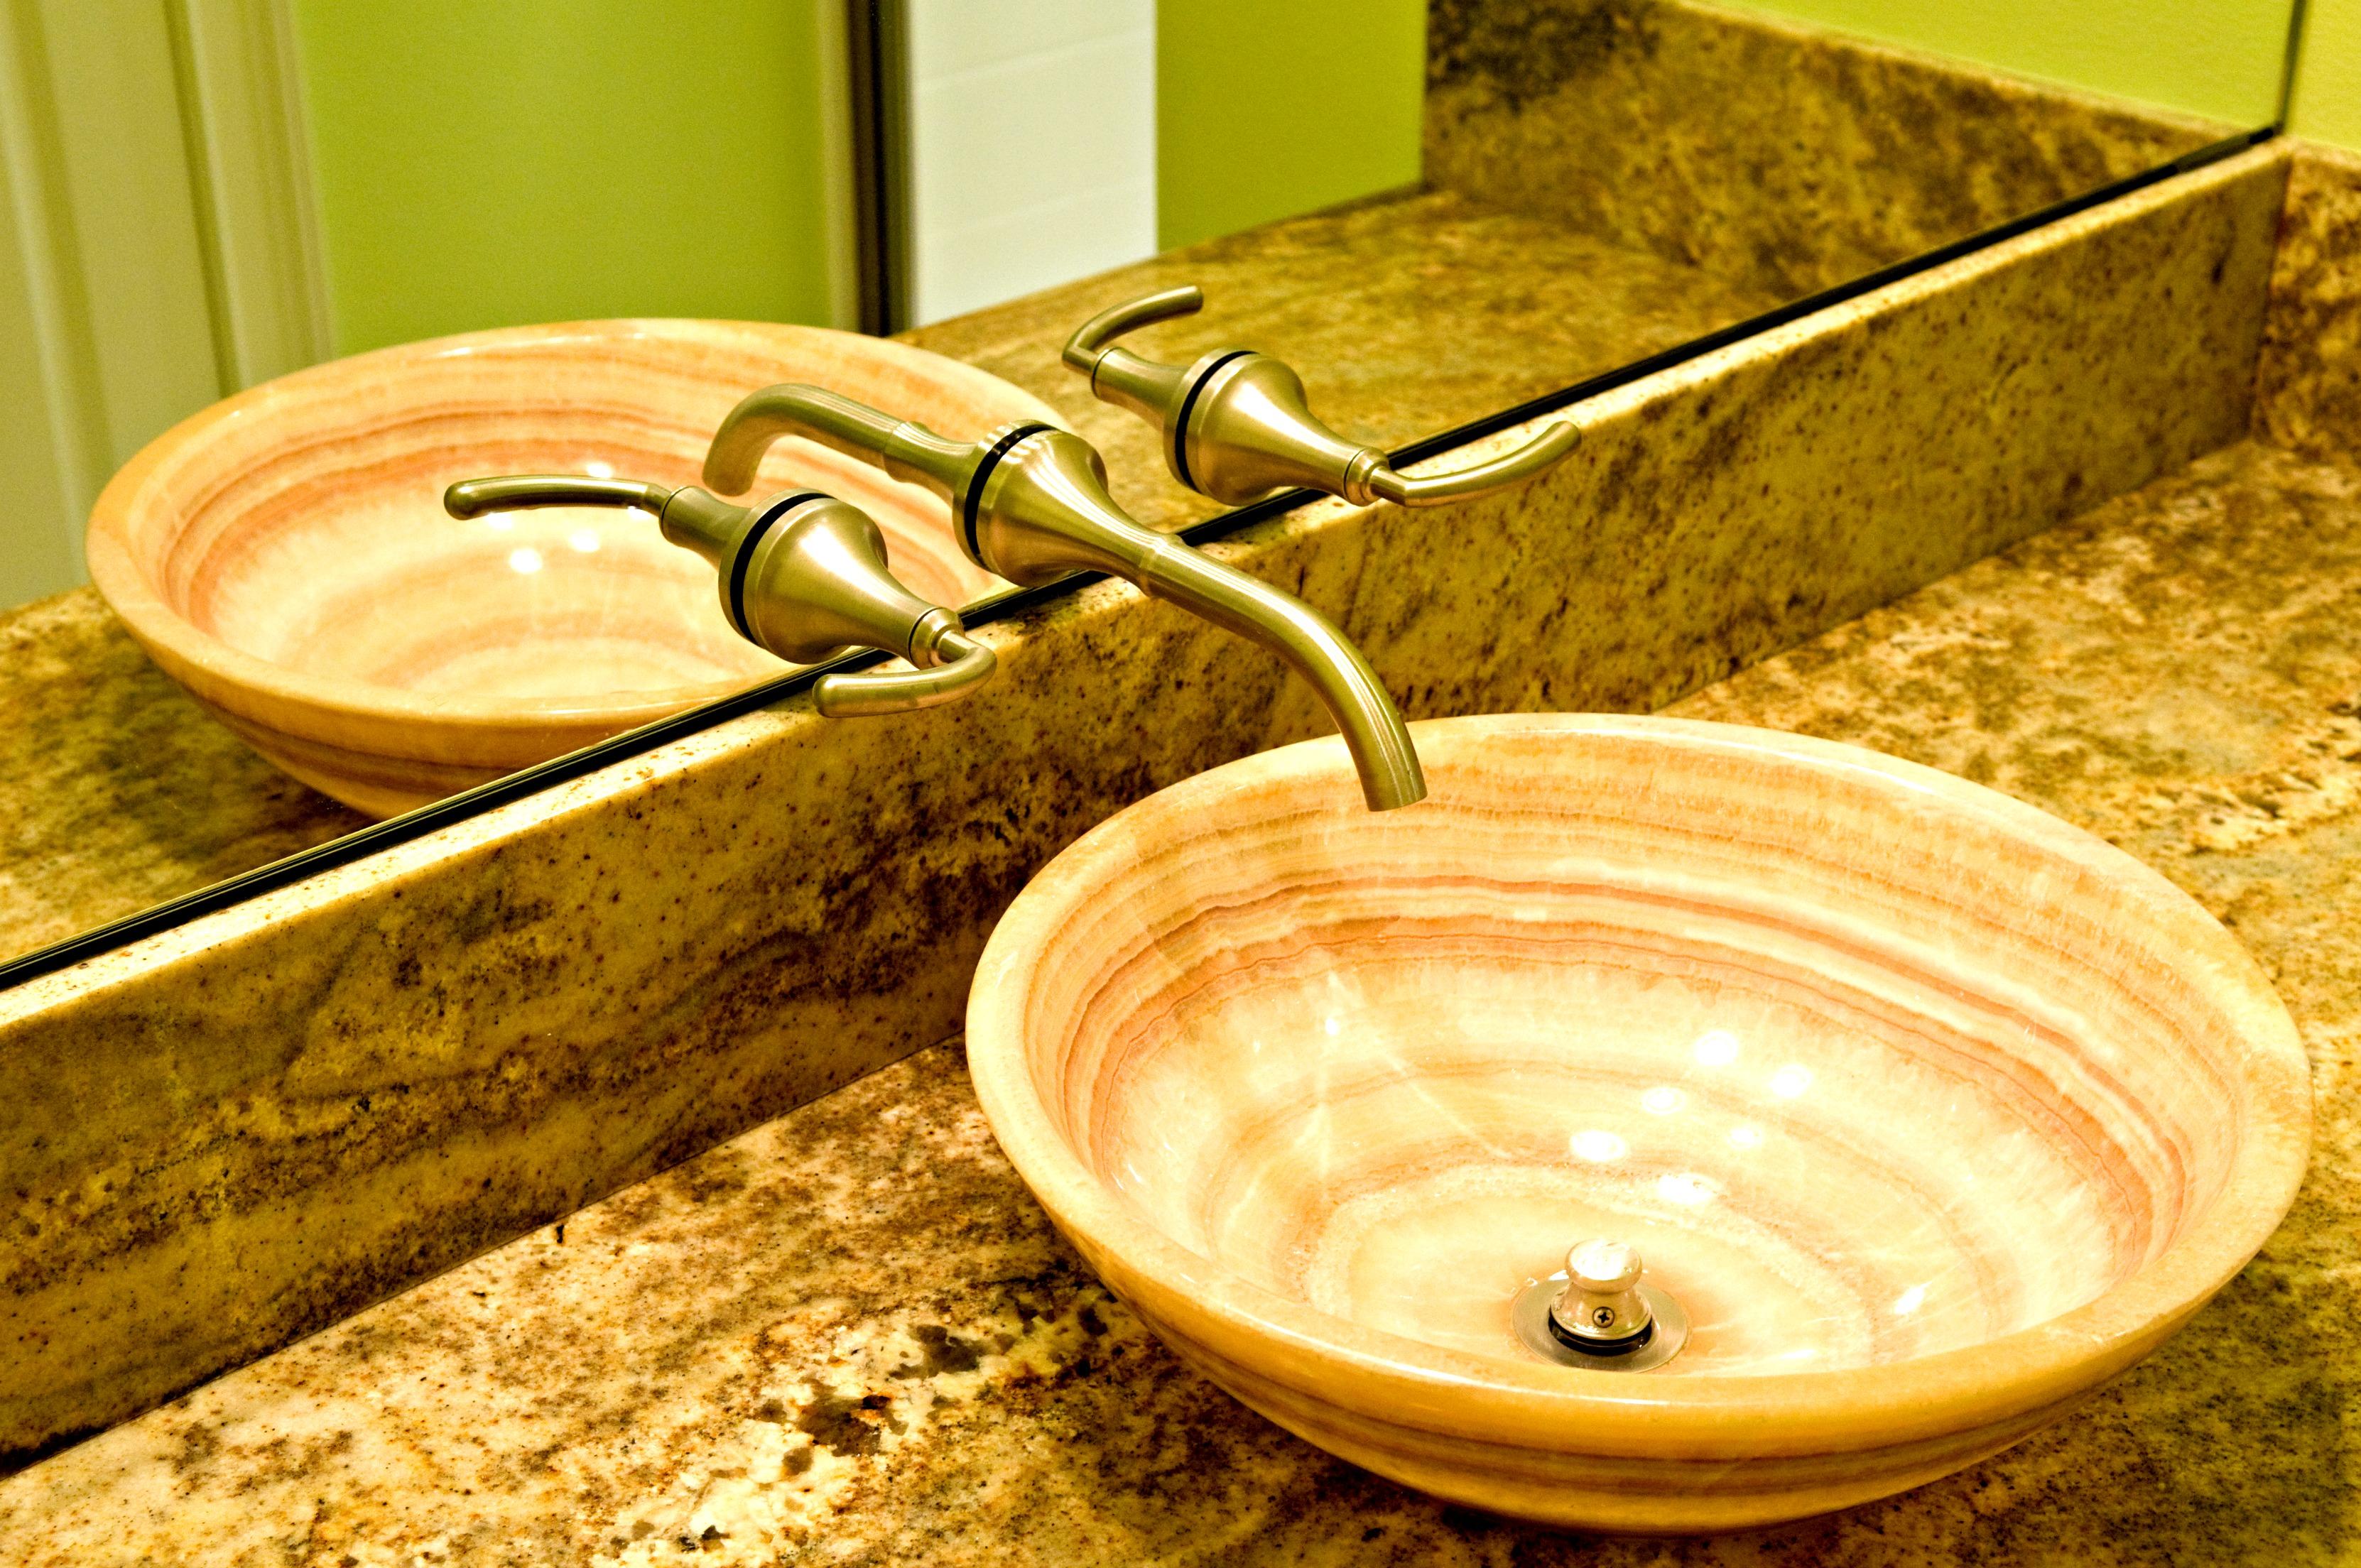 Clark County, Washington - Bathroom Remodel - Southwest Washington - Camas, Washington